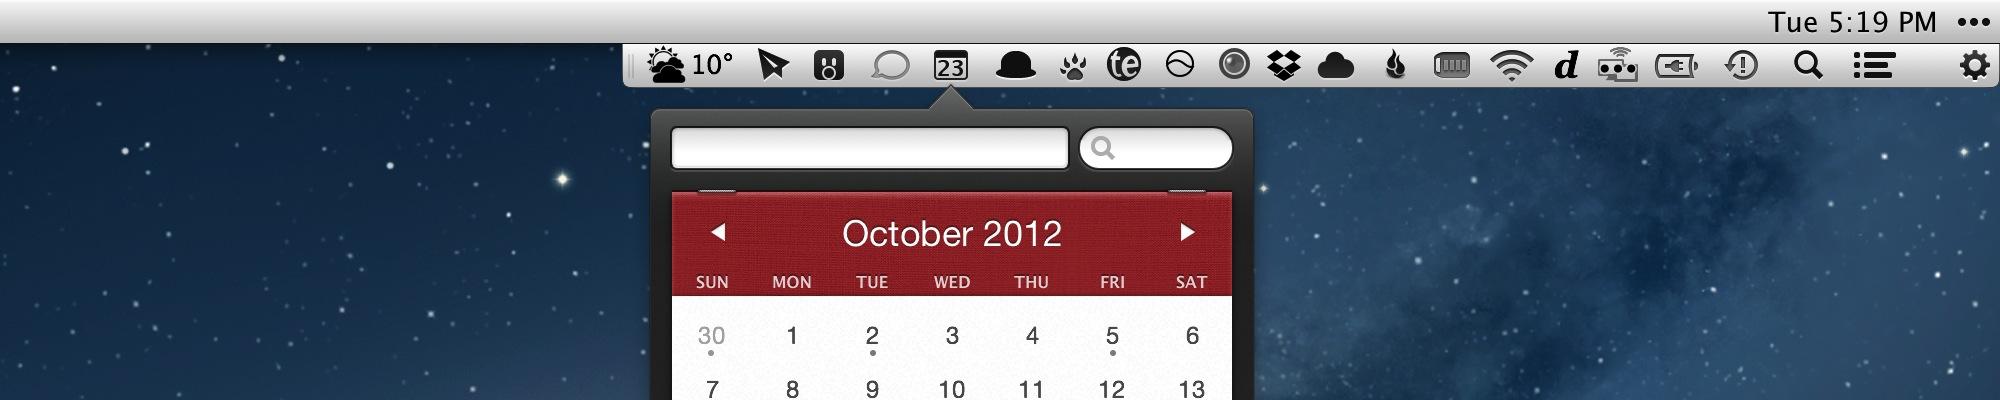 Bartender 4.5.13 Mac software screenshot